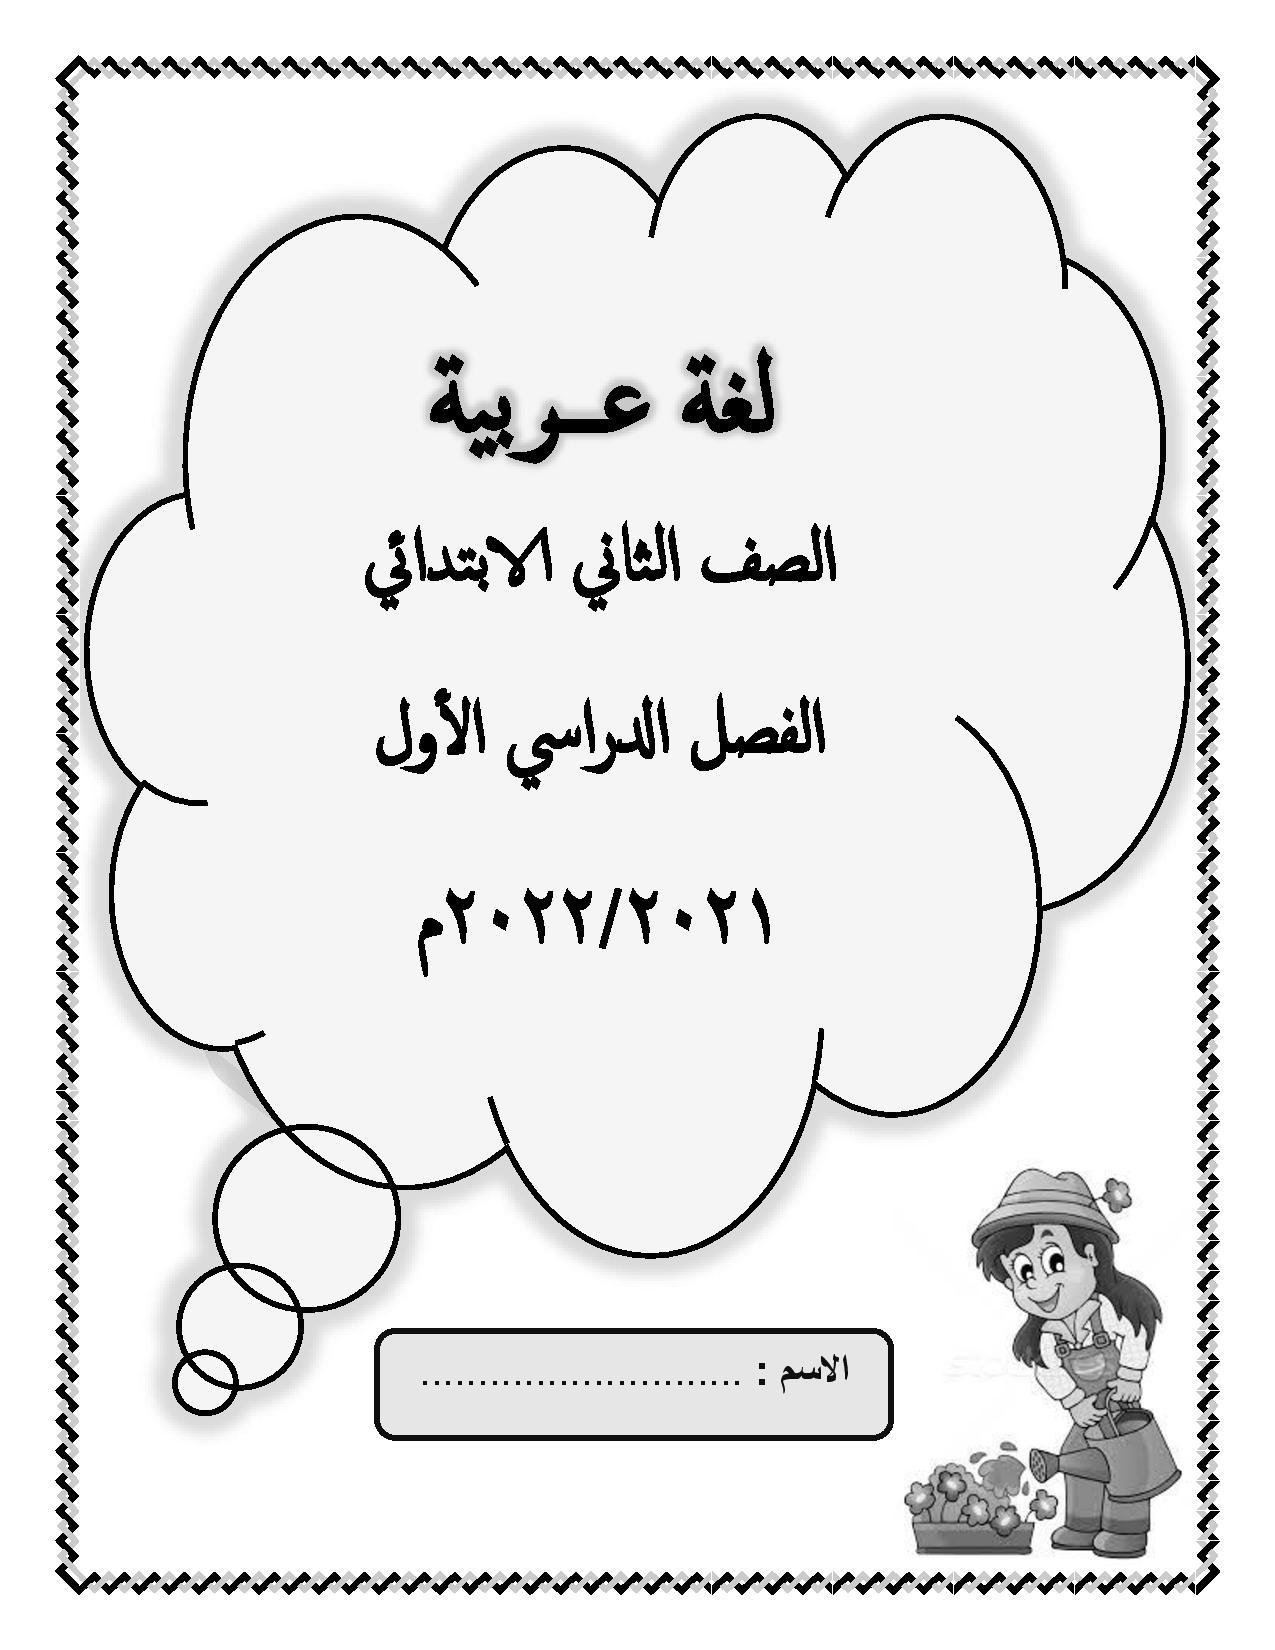 شرح جميع دروس اللغة العربية للصف الثاني الابتدائي